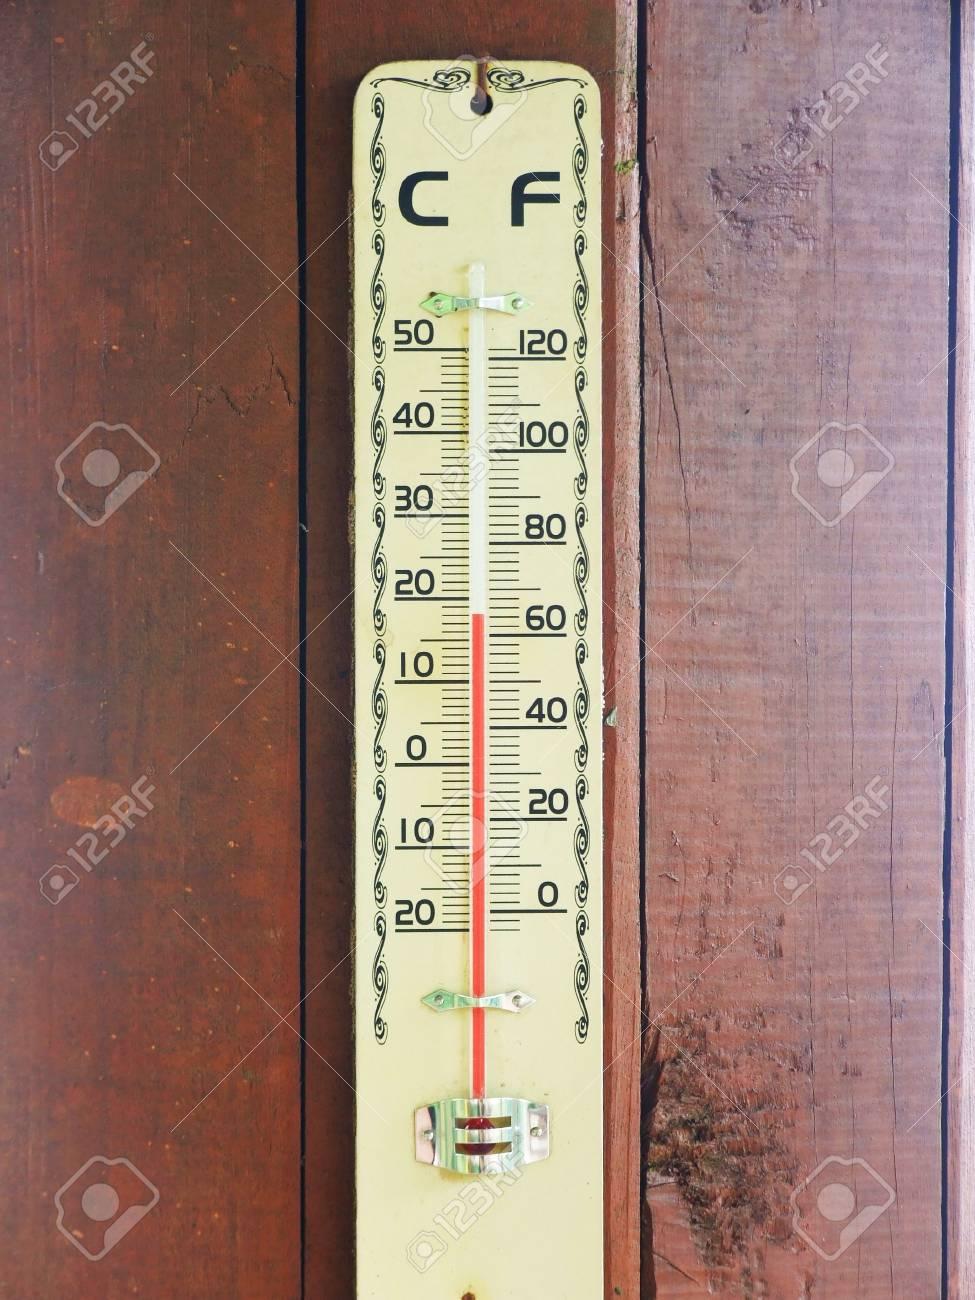 Immagini Stock Termometro Per Il Clima Image 27683462 500 termometro digital de usados en venta en yapo.cl ✅. termometro per il clima